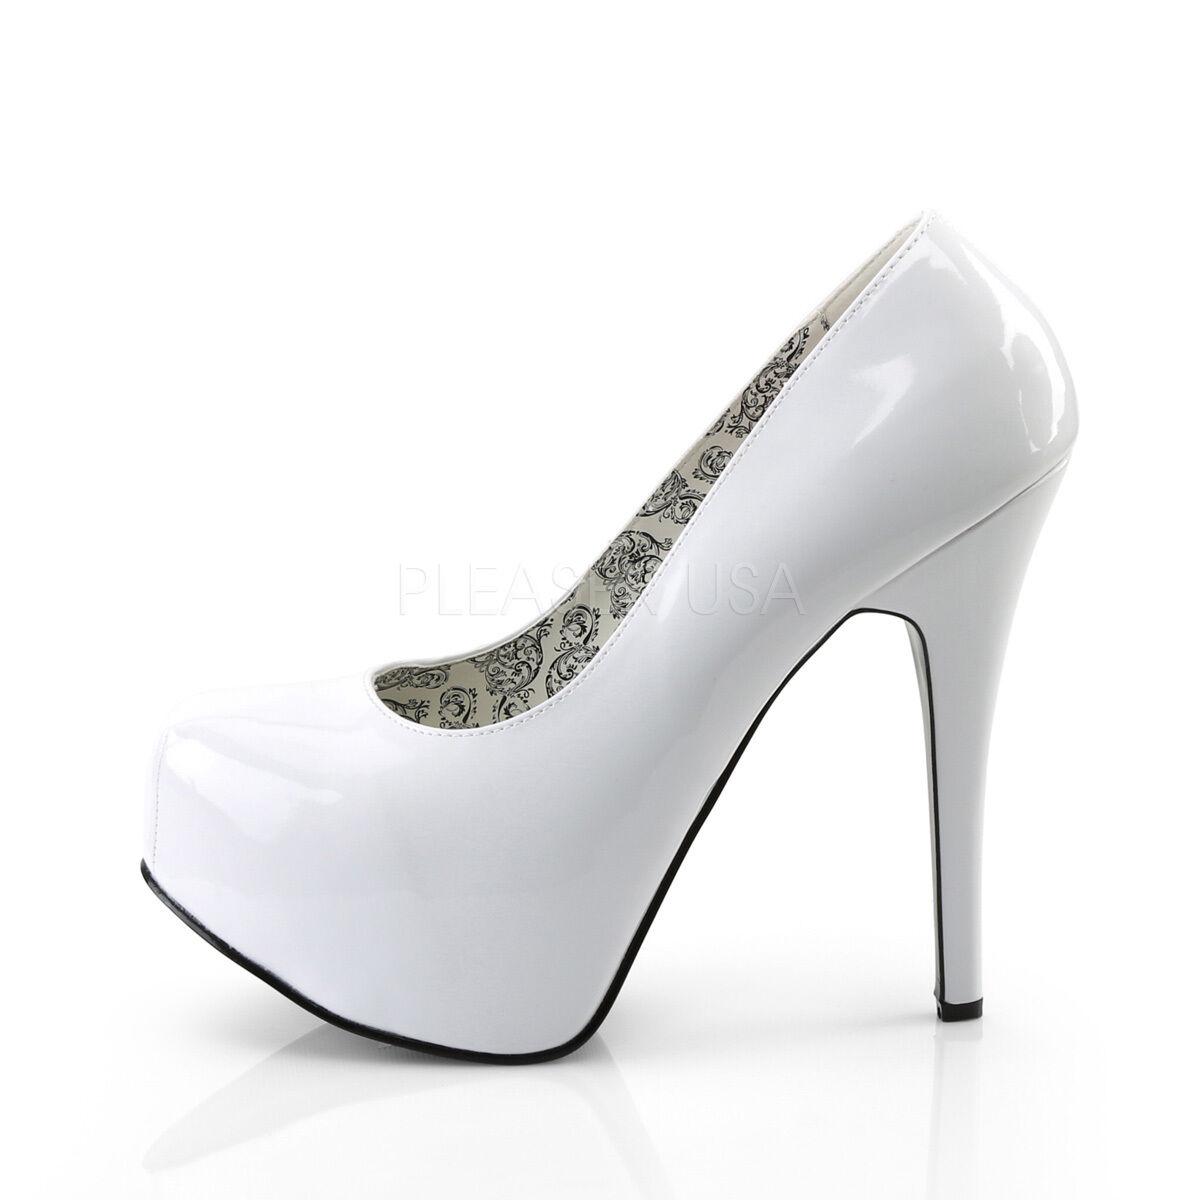 Teeze Weiß Patent Wide Width Stiletto High Heel Platform Pump schuhe Größe 11-16